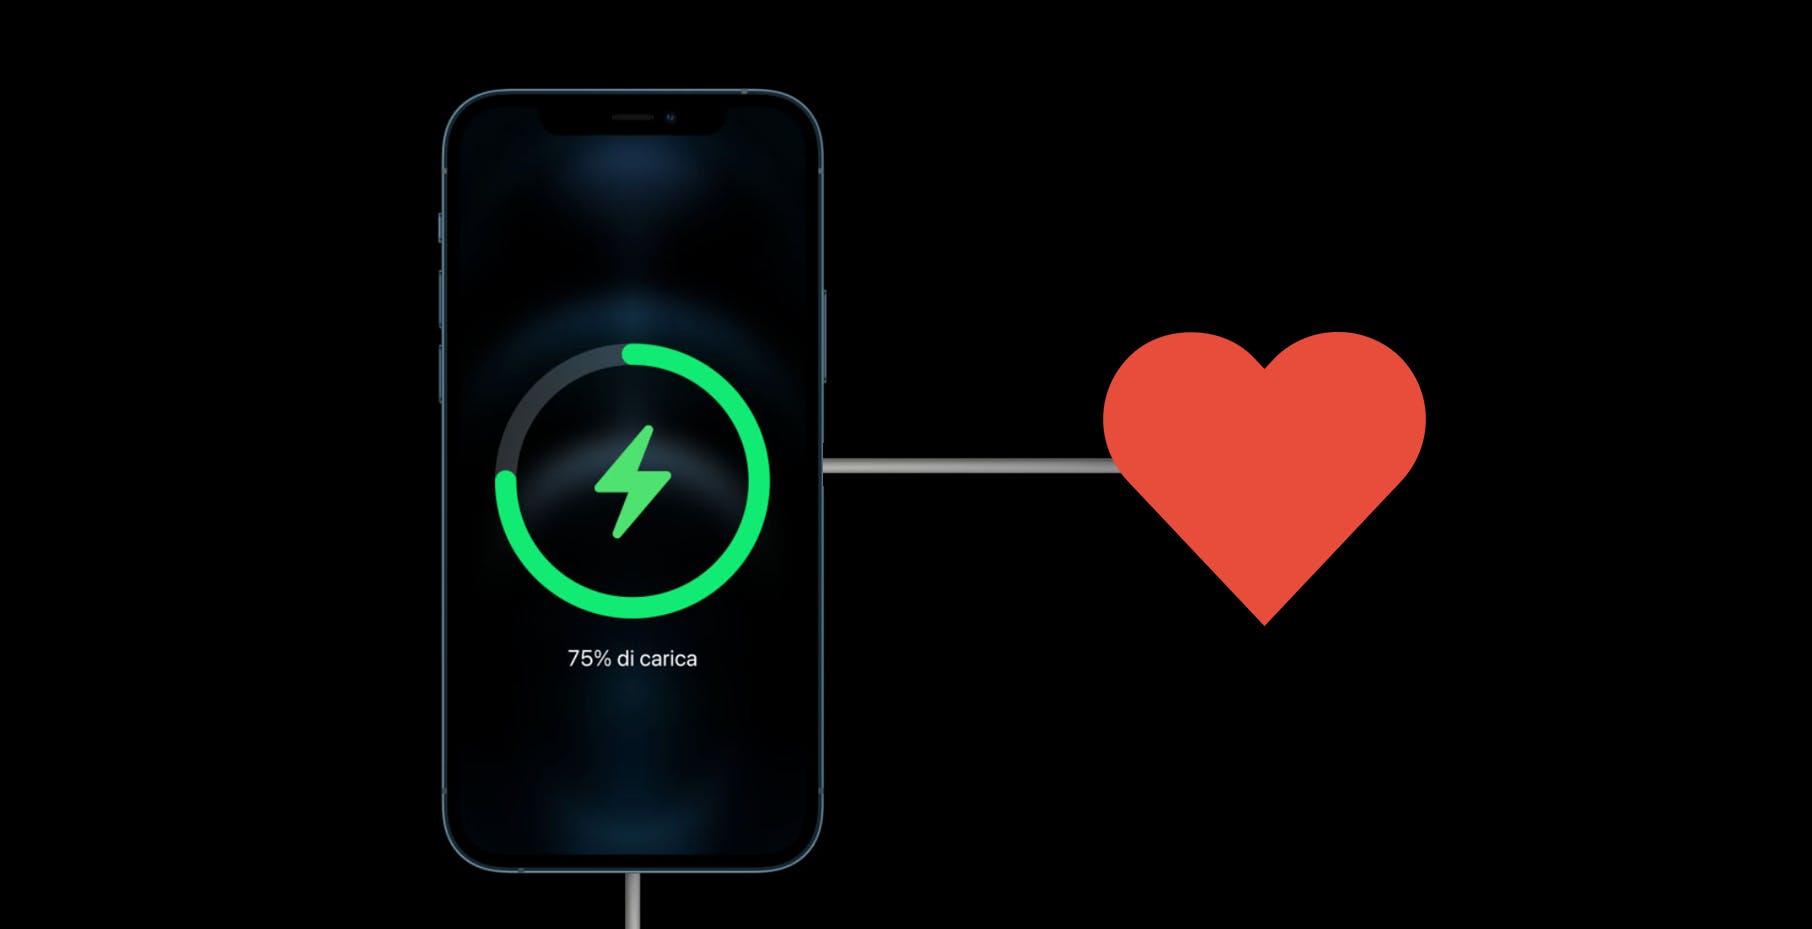 Il MagSafe dell'iPhone può fermare i defibrillatori impiantabili. Il test fatto da tre cardiologi